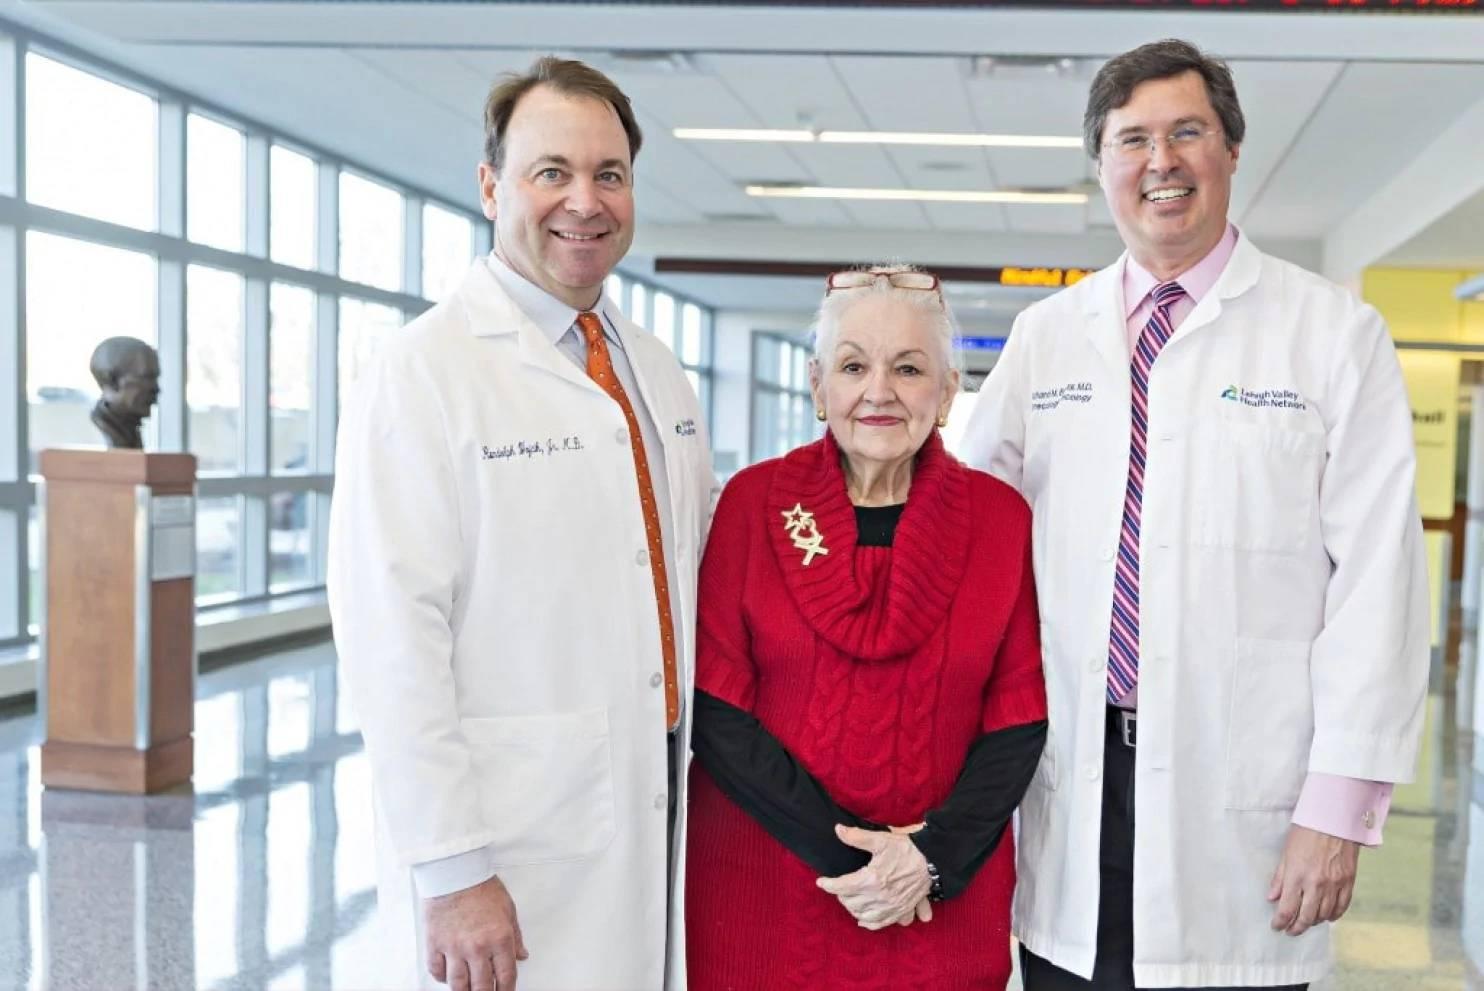 老太太以為自己變老才變胖,結果醫生發現她體內有「64公斤的腫瘤」...手術後讚自己性感尤物!